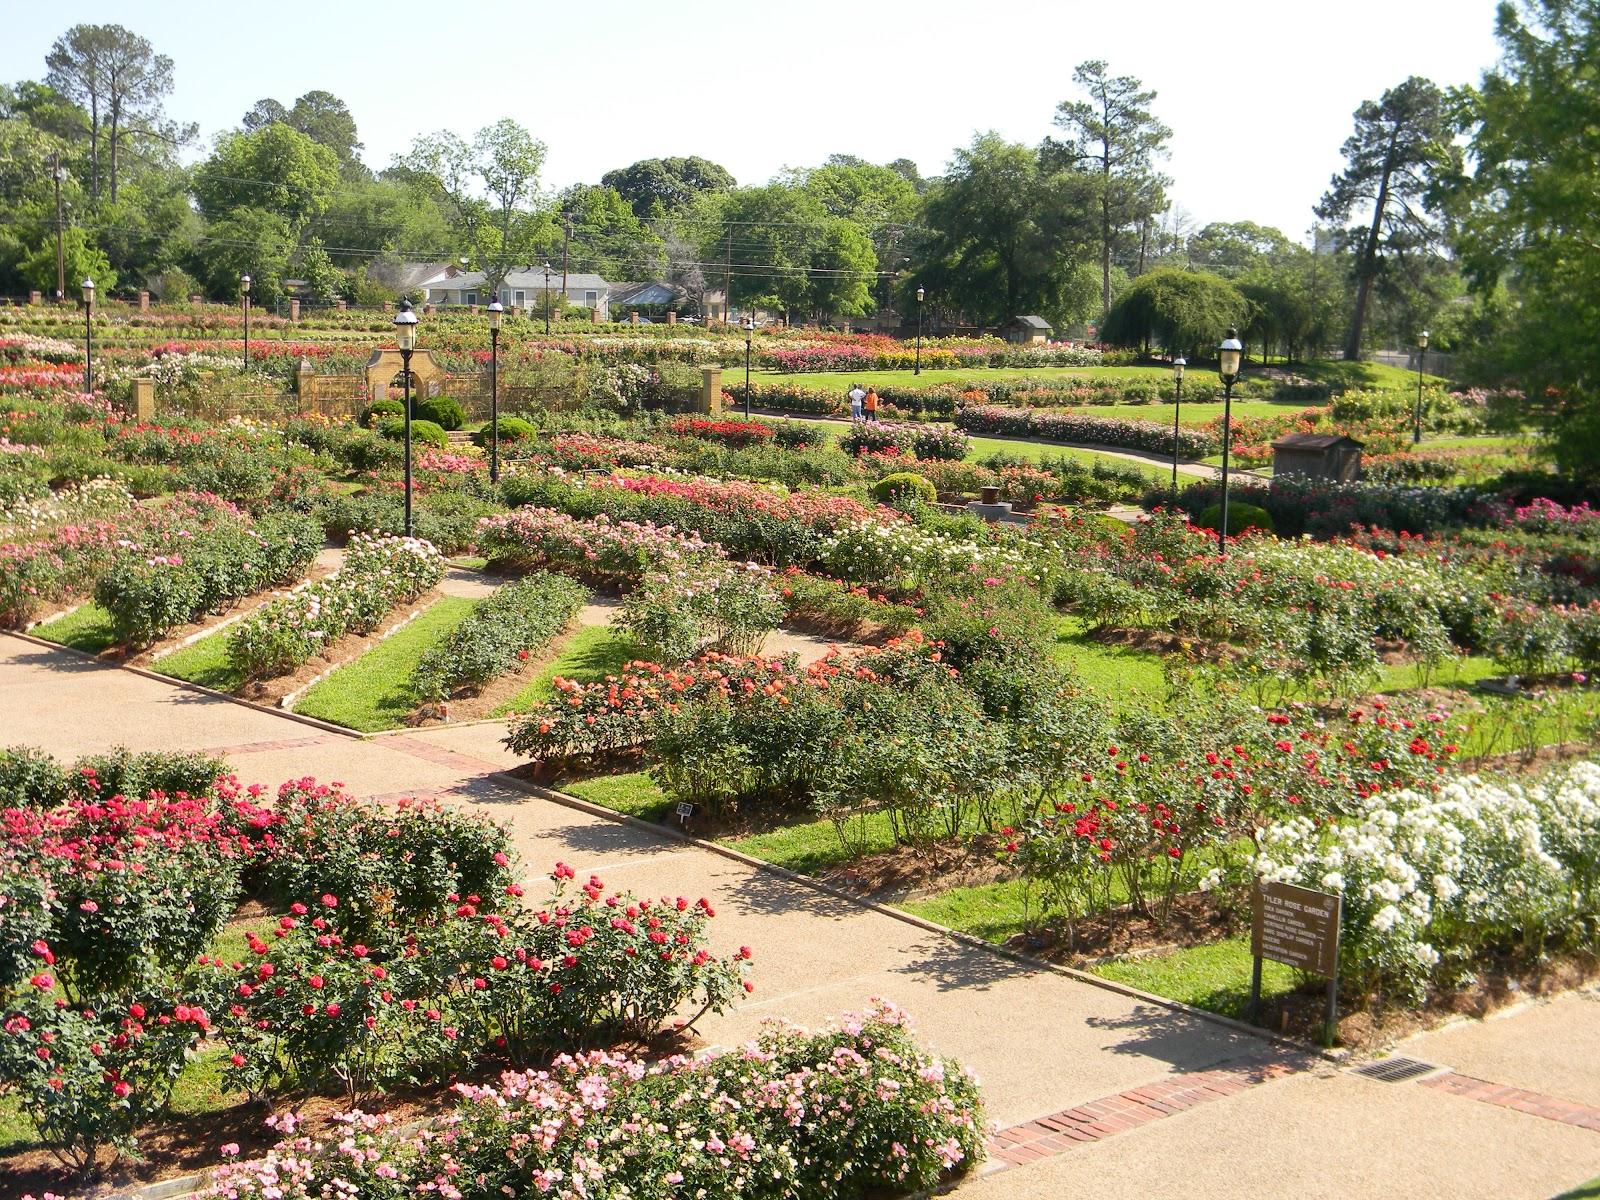 Rvfulltiminglove rose garden tyler tx for Landscape gardeners